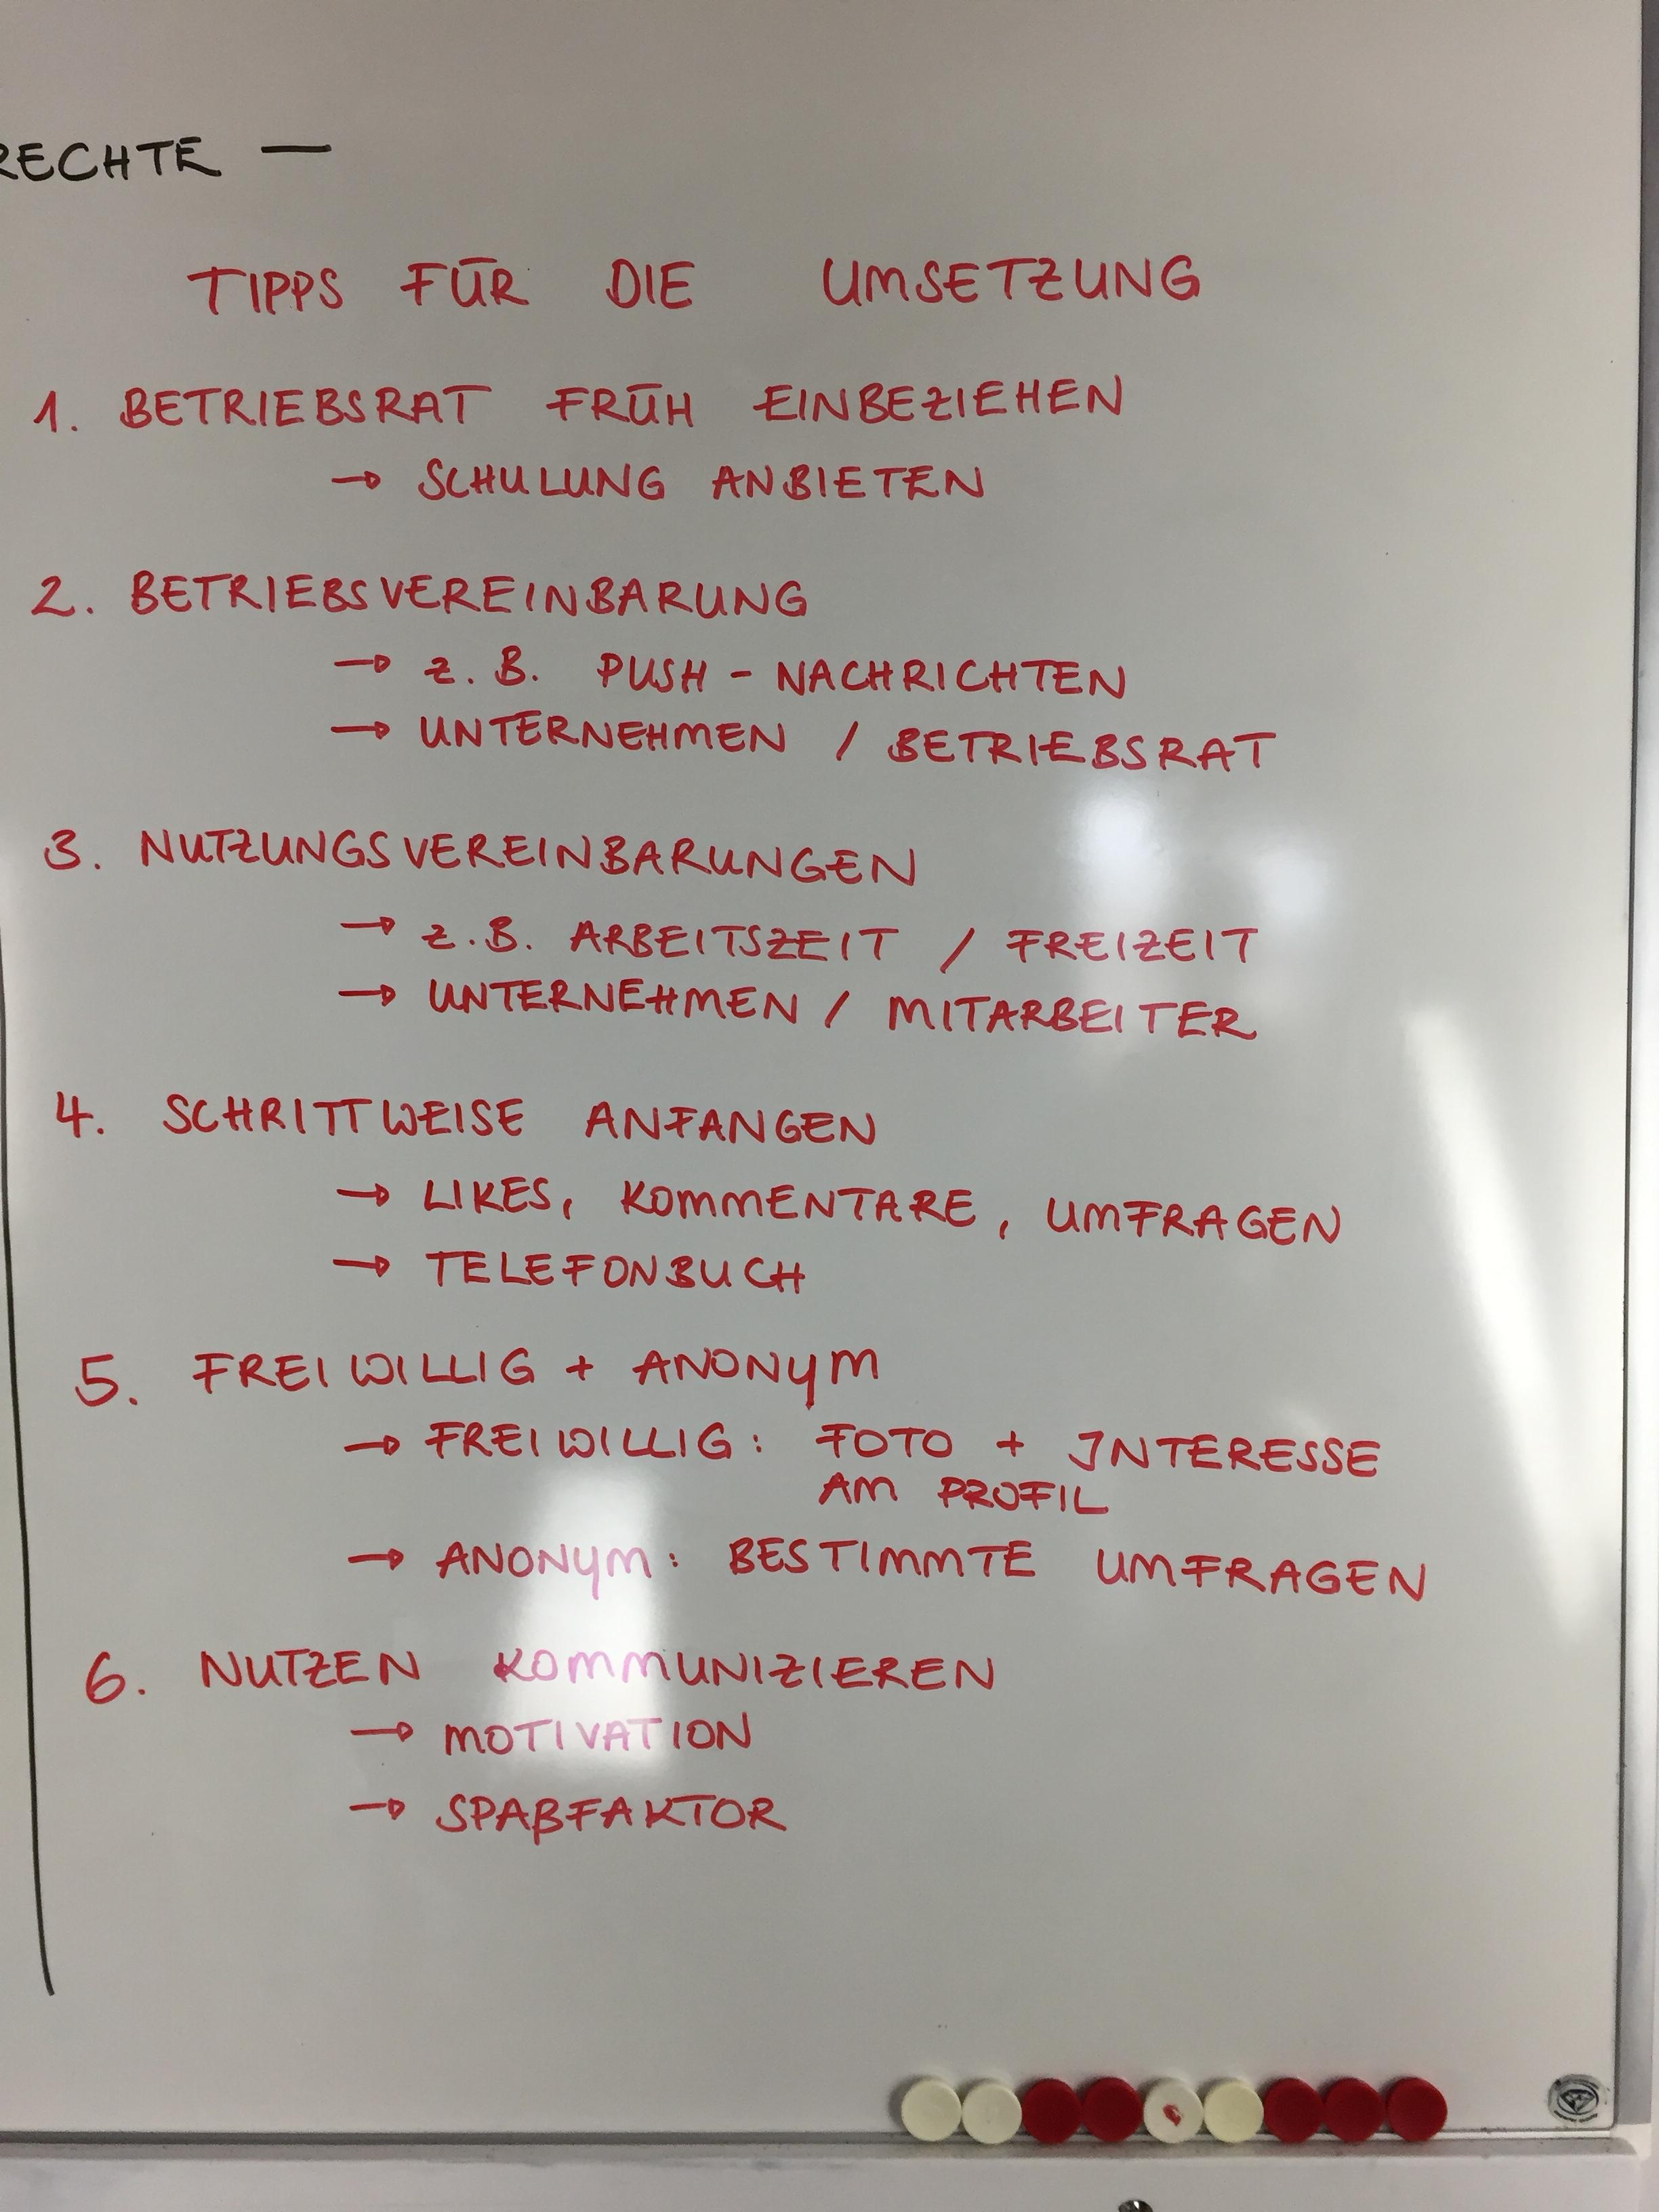 Betriebsrat_Tipps für die Umsetzung